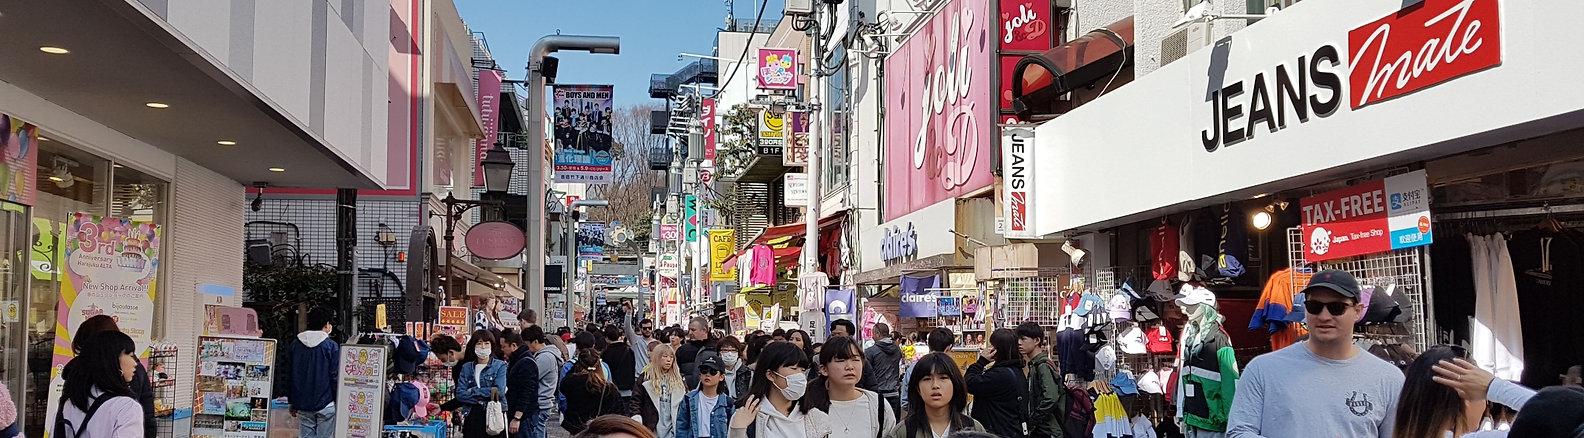 takeshita, tokio, tokyo